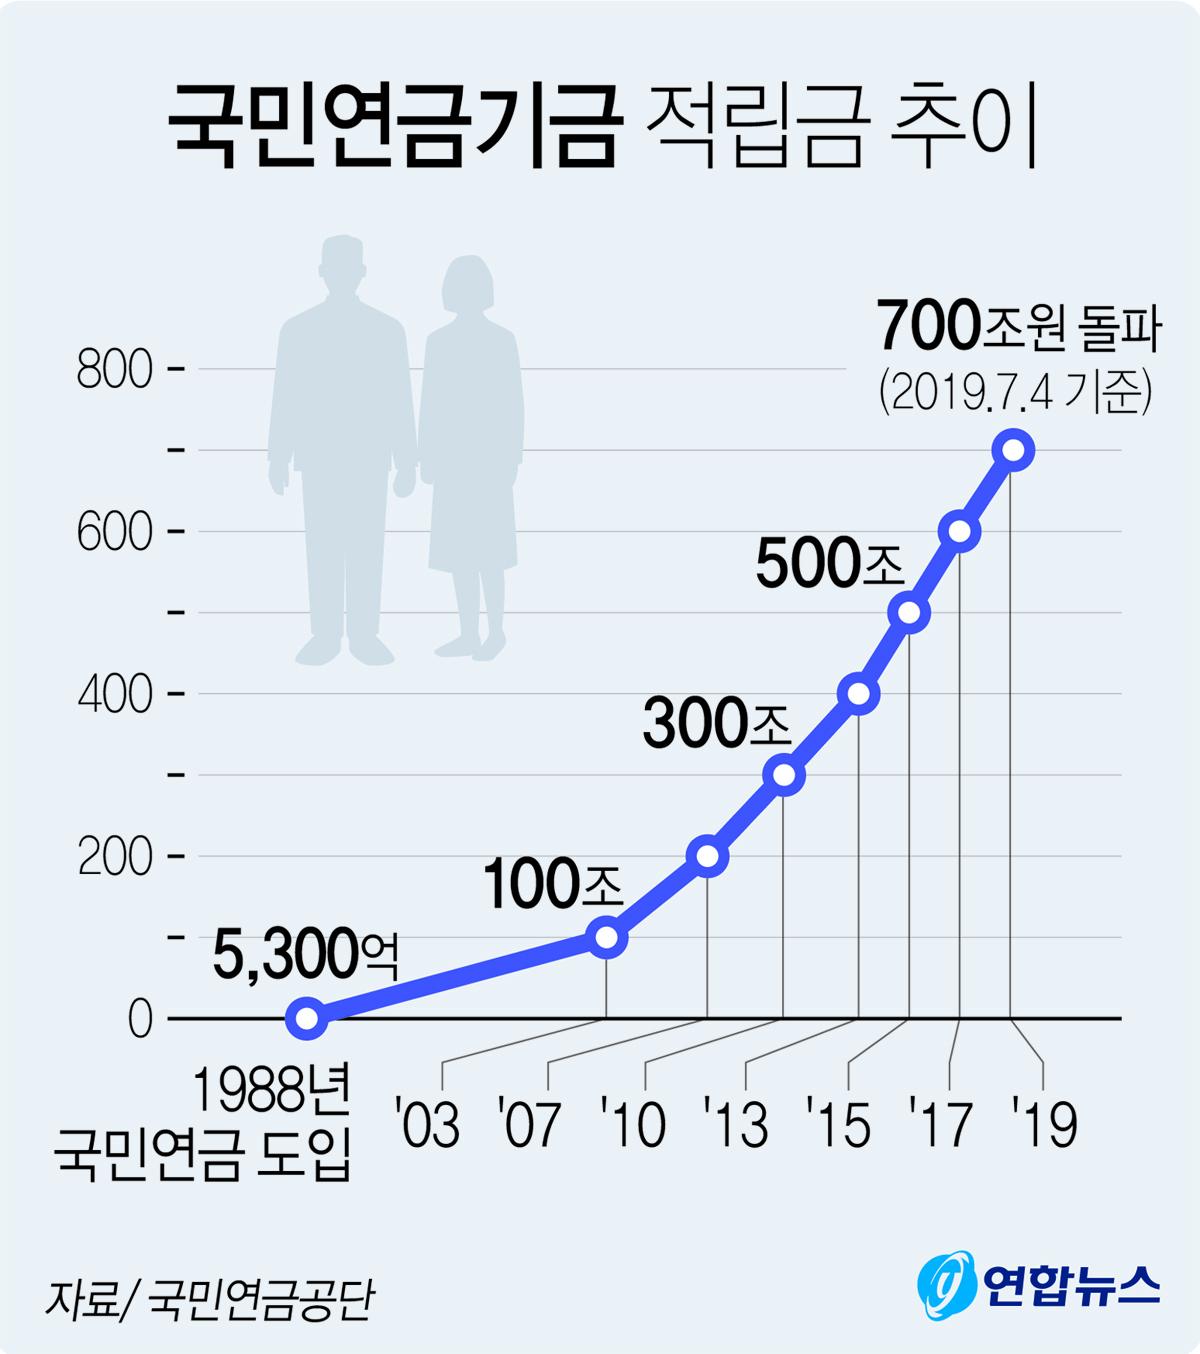 8일 국민연금공단에 따르면 국민연금 기금 적립금은 지난 4일 기준으로 701조2000억원으로 잠정 집계됐다. [연합뉴스]